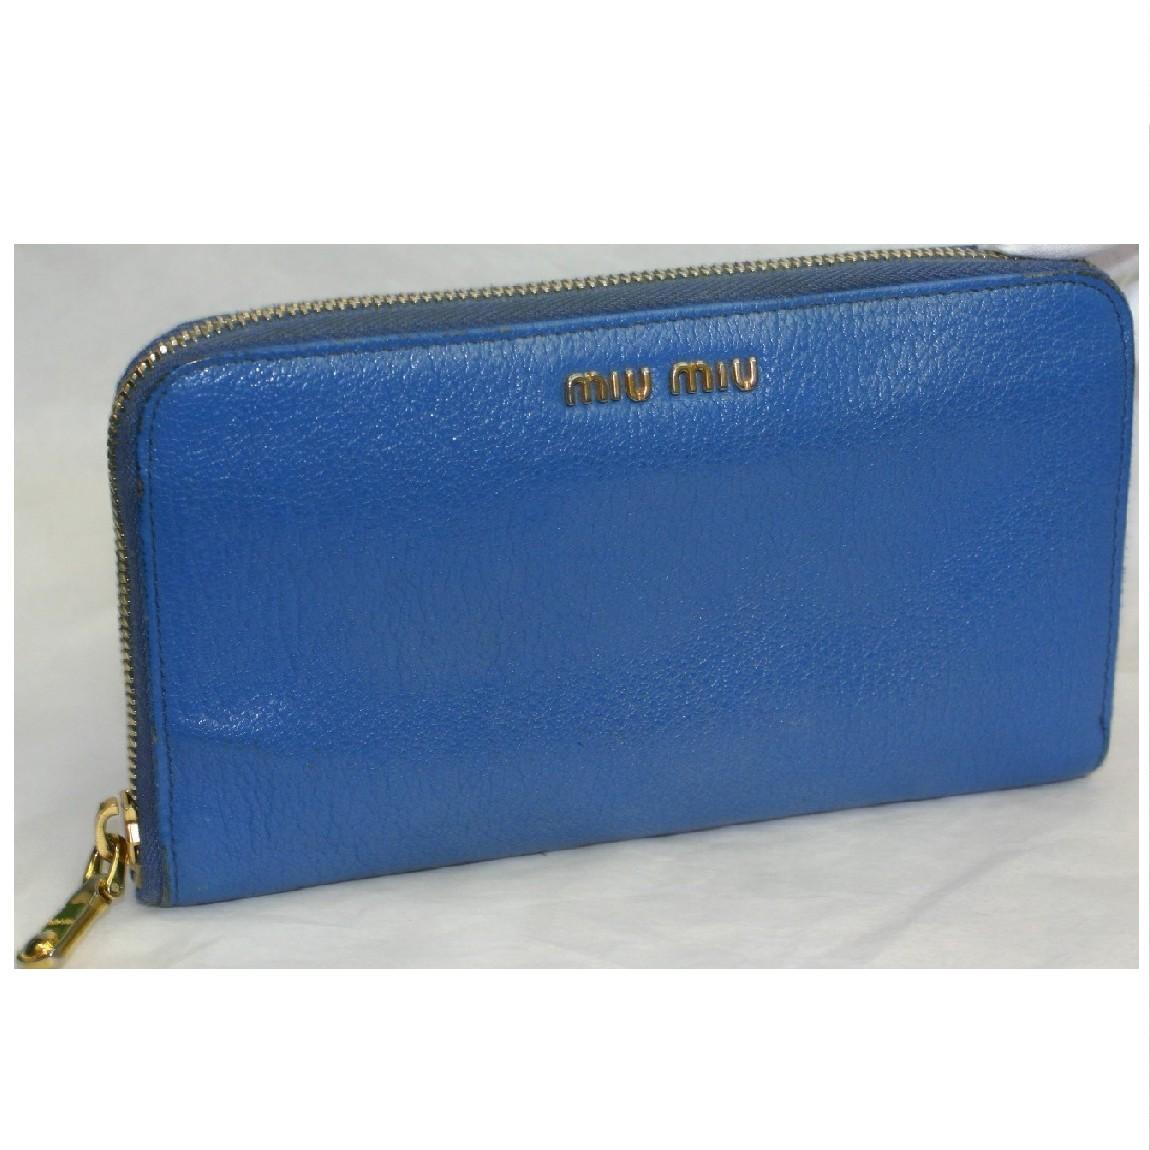 【中古】本物美品ミュウミュウ女性用綺麗な青色18,5cmラウンドファスナー長財布